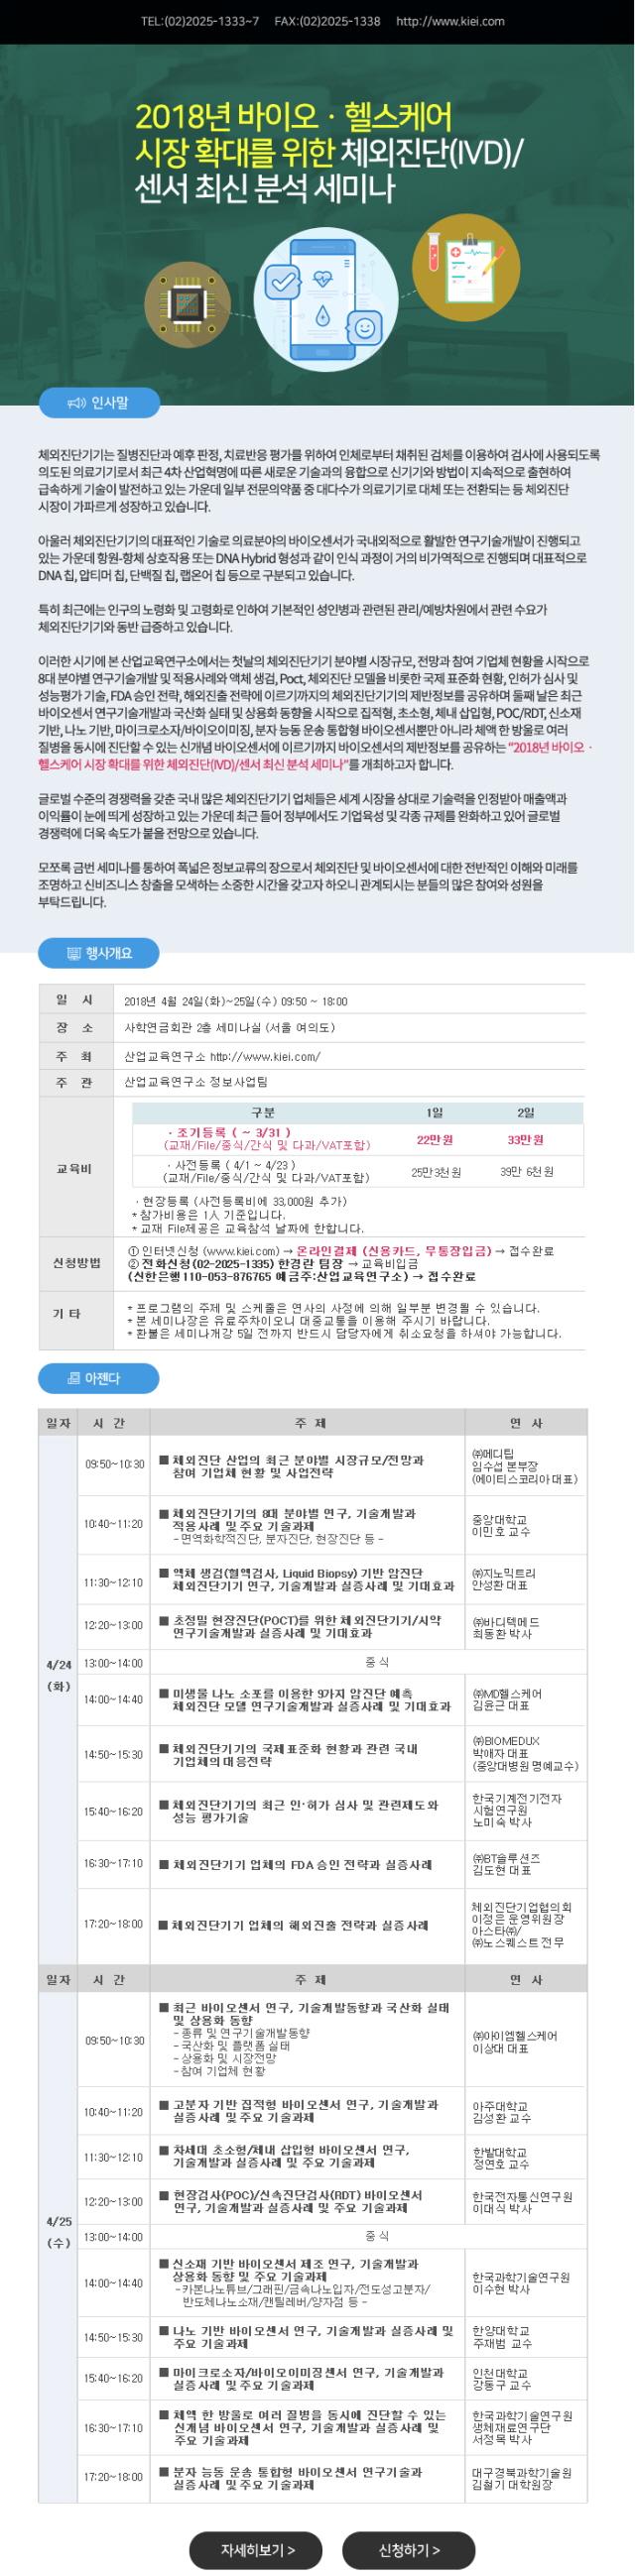 KIEI 세미나일정_2. bio_htm_20180327_094347 (2).jpg